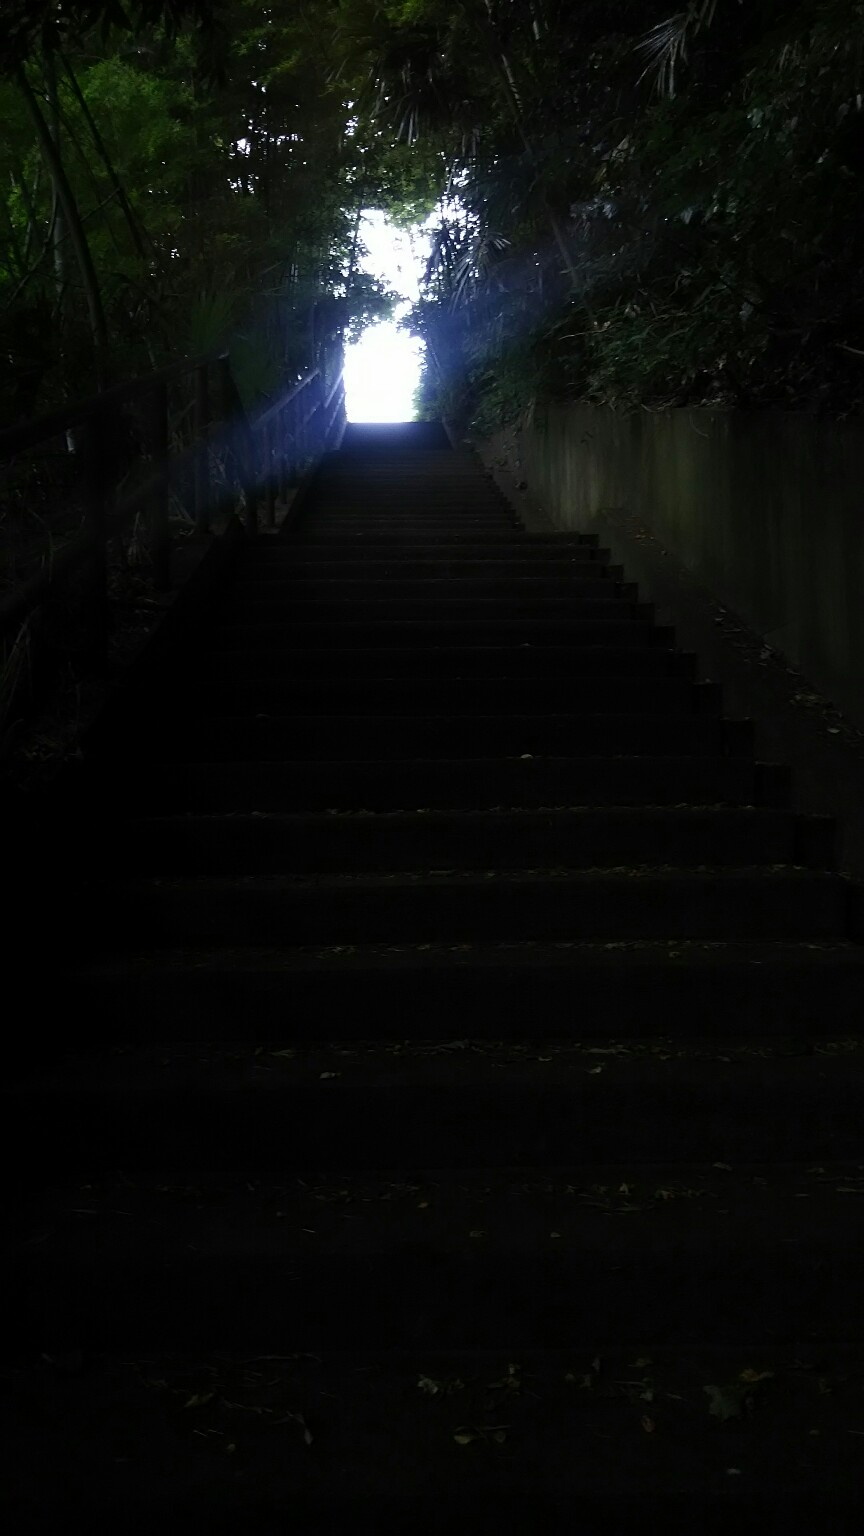 暗い坂道の向こう側